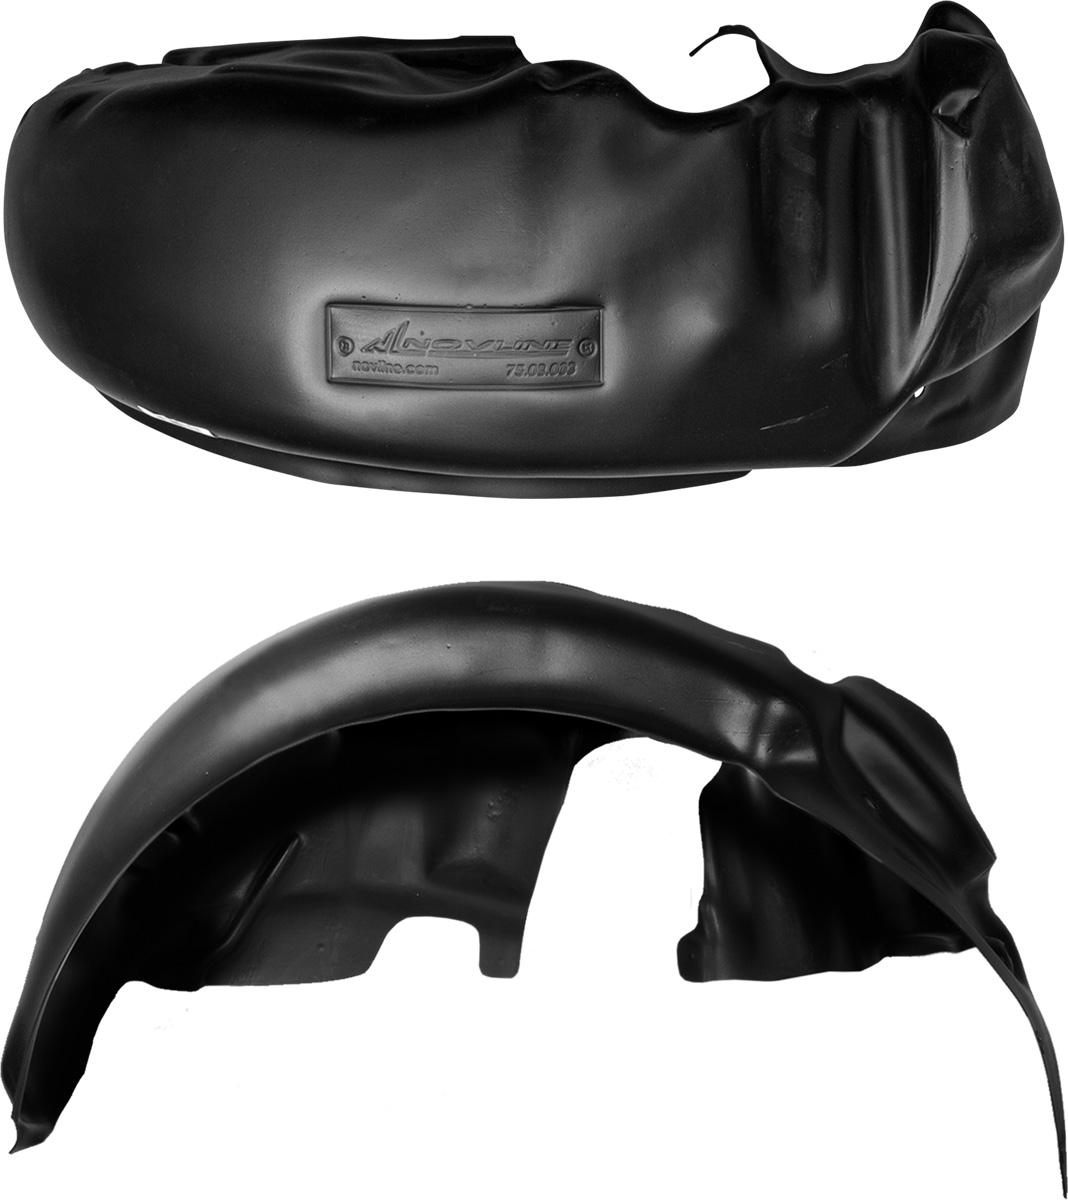 Подкрылок Novline-Autofamily, для Great Wall Hover H5, 2010->, передний левыйNLL.59.10.001Колесные ниши - одни из самых уязвимых зон днища вашего автомобиля. Они постоянно подвергаются воздействию со стороны дороги. Лучшая, почти абсолютная защита для них - специально отформованные пластиковые кожухи, которые называются подкрылками. Производятся они как для отечественных моделей автомобилей, так и для иномарок. Подкрылки Novline-Autofamily выполнены из высококачественного, экологически чистого пластика. Обеспечивают надежную защиту кузова автомобиля от пескоструйного эффекта и негативного влияния, агрессивных антигололедных реагентов. Пластик обладает более низкой теплопроводностью, чем металл, поэтому в зимний период эксплуатации использование пластиковых подкрылков позволяет лучше защитить колесные ниши от налипания снега и образования наледи. Оригинальность конструкции подчеркивает элегантность автомобиля, бережно защищает нанесенное на днище кузова антикоррозийное покрытие и позволяет осуществить крепление подкрылков внутри колесной арки практически без...